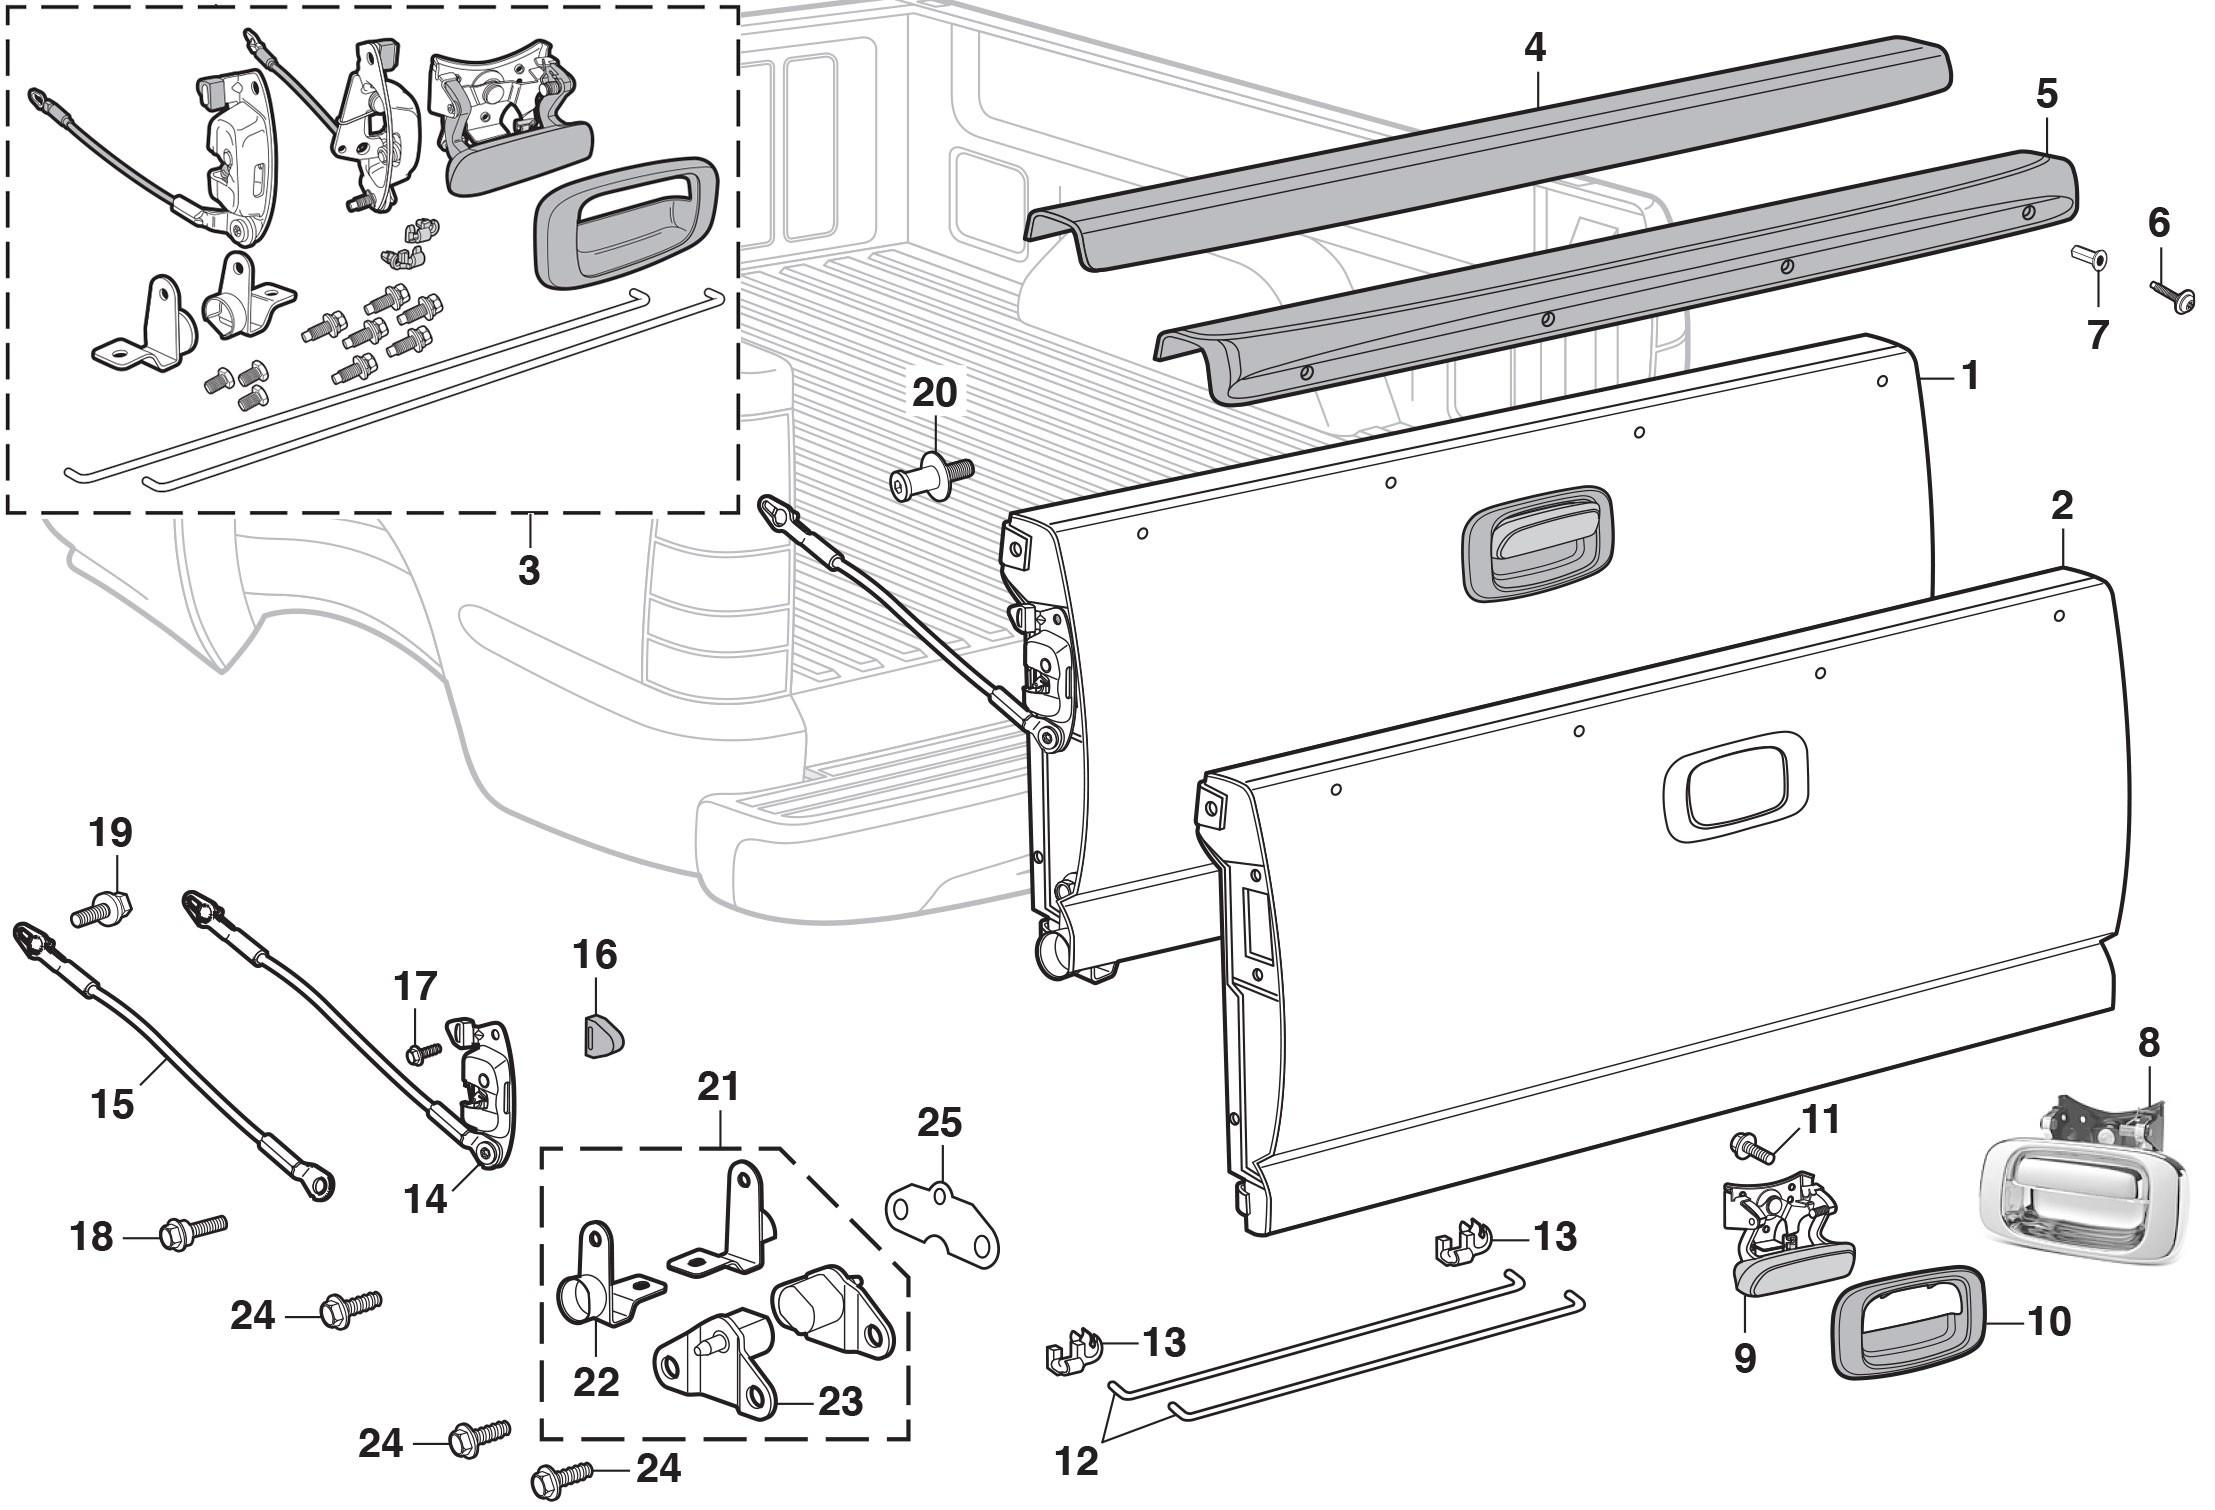 2005 Chevy Silverado Parts Diagram 2005 Chevy Silverado Parts Diagram Tailgate Ponents Of 2005 Chevy Silverado Parts Diagram